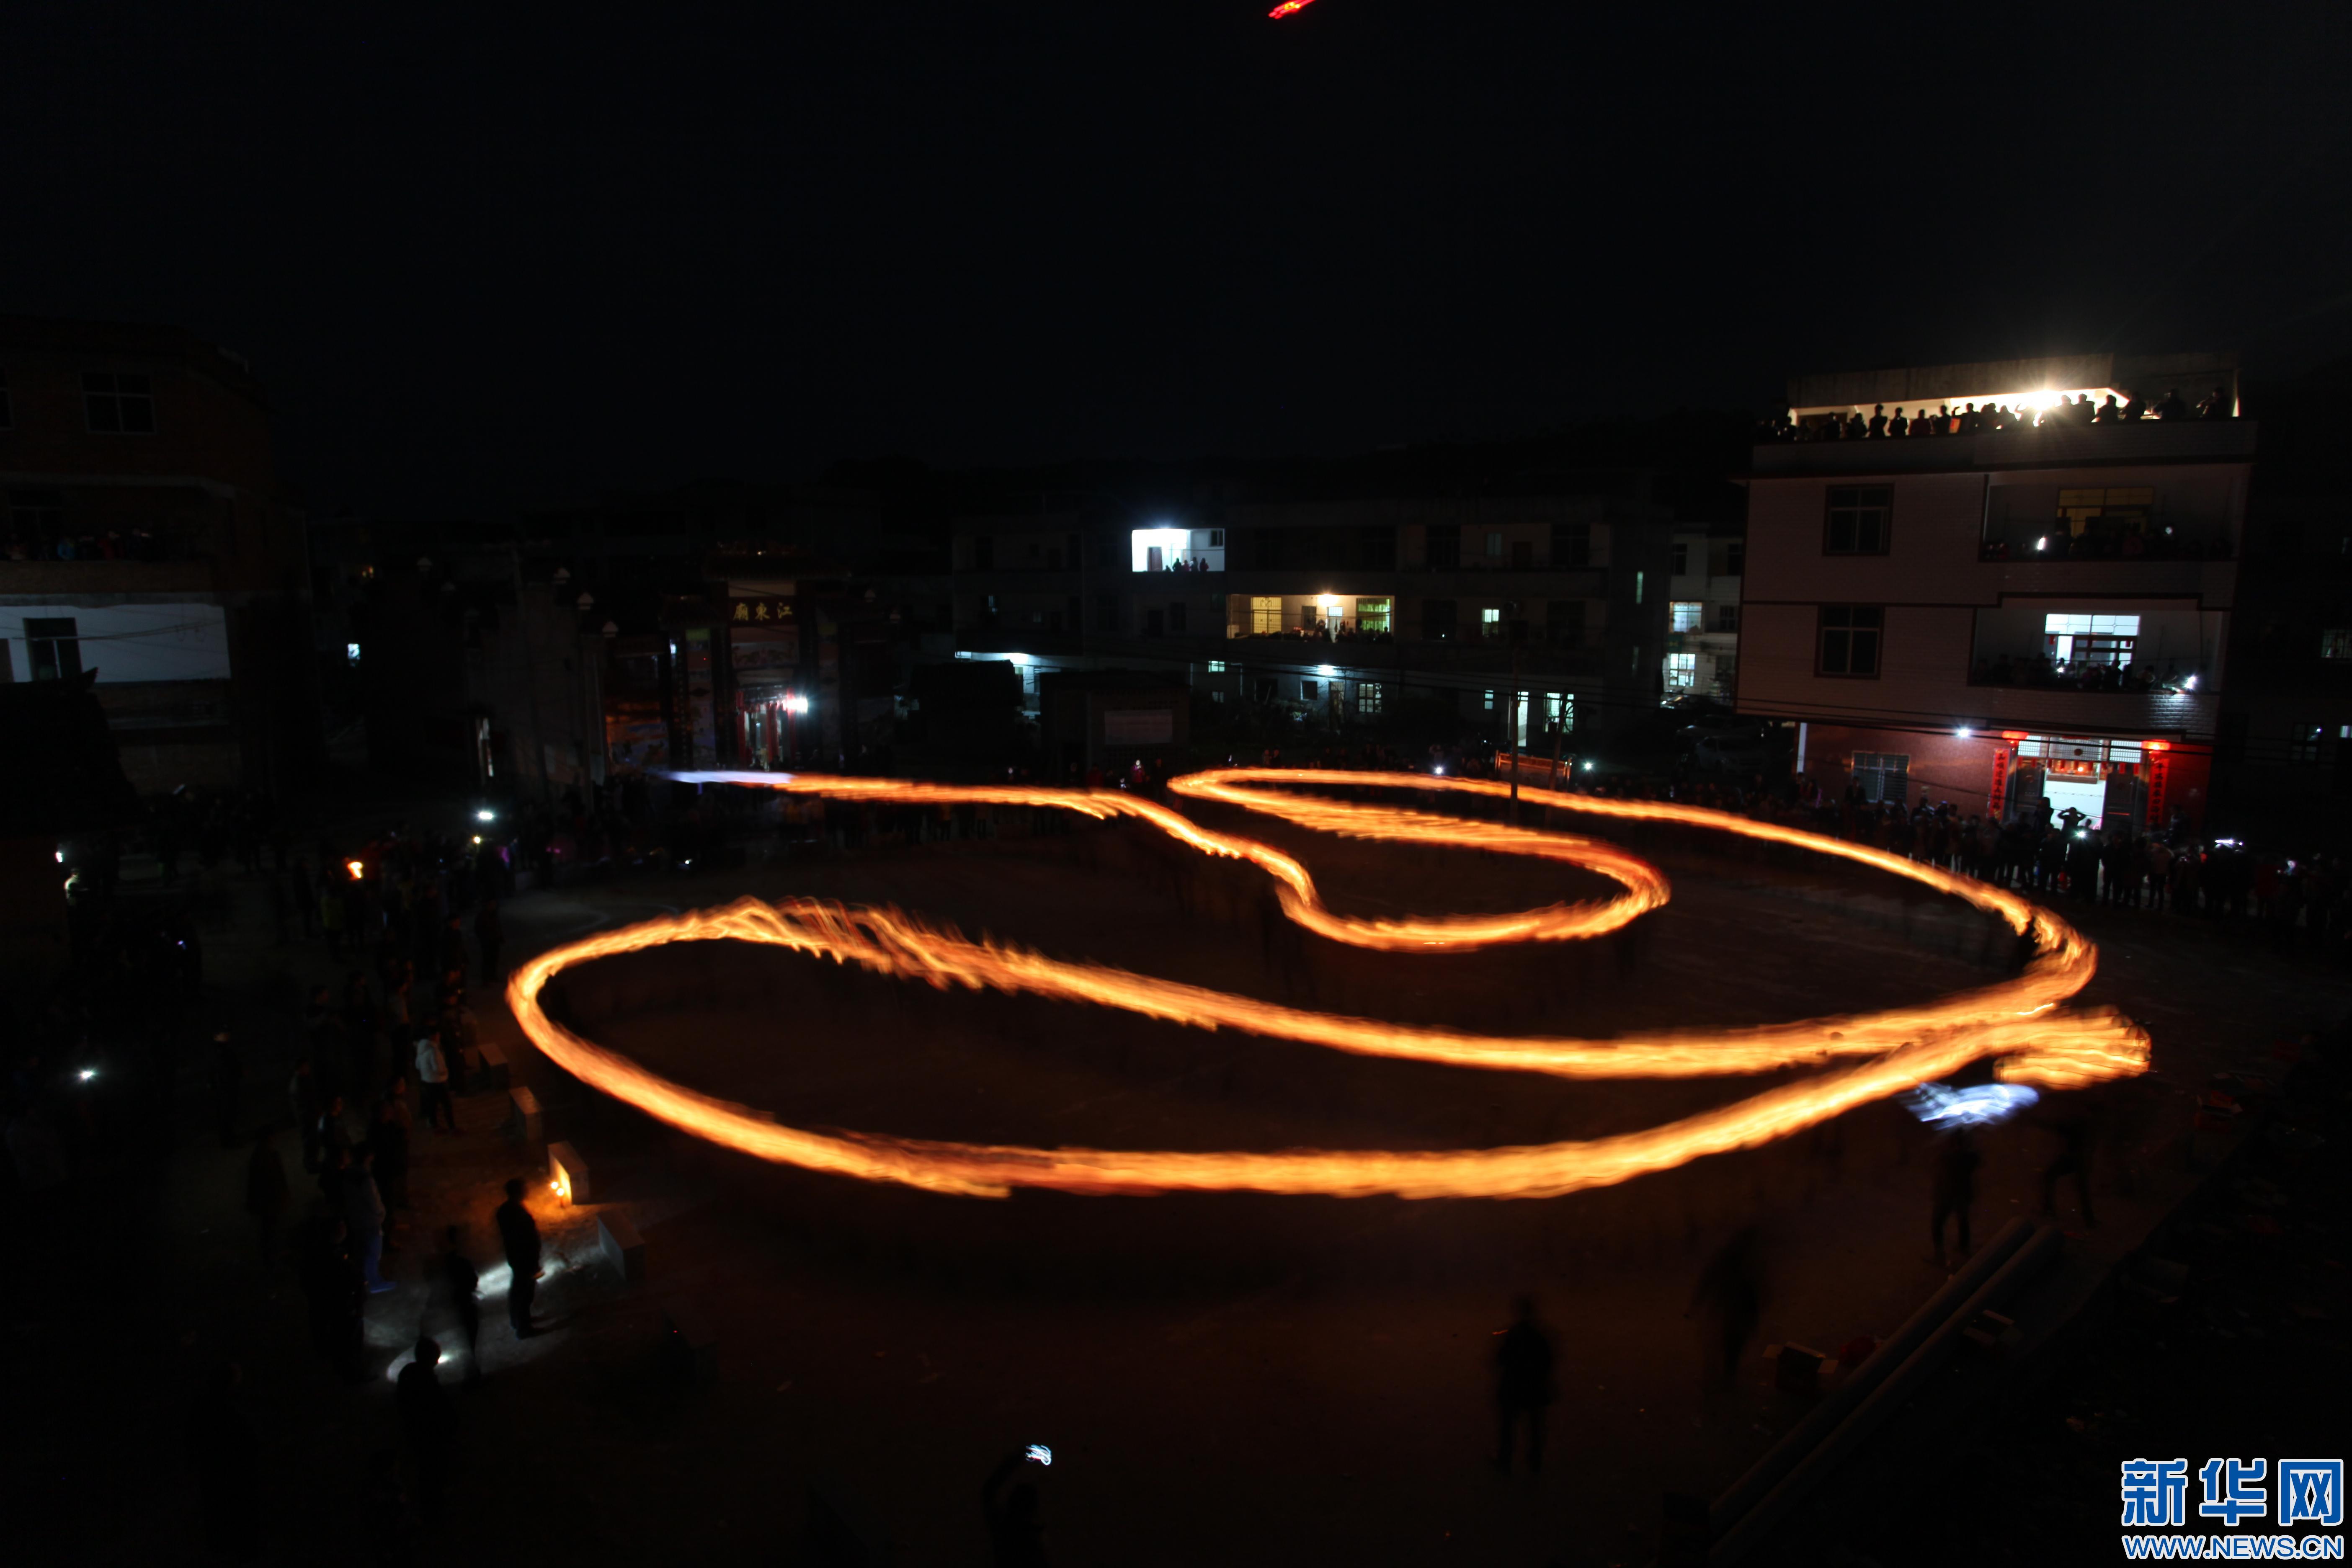 【网络媒体走转改】江西石城:蛇灯挥舞 村民尽欢